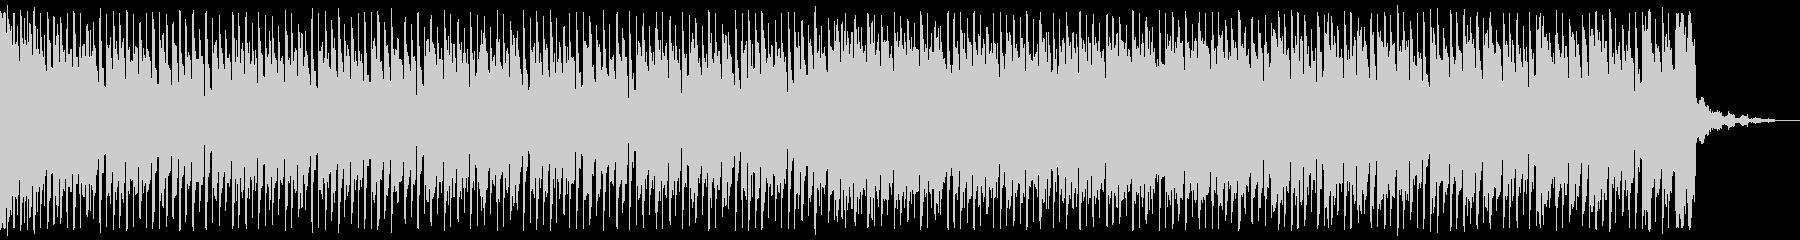 キラキラ。アパレル。ディスコ。3の未再生の波形